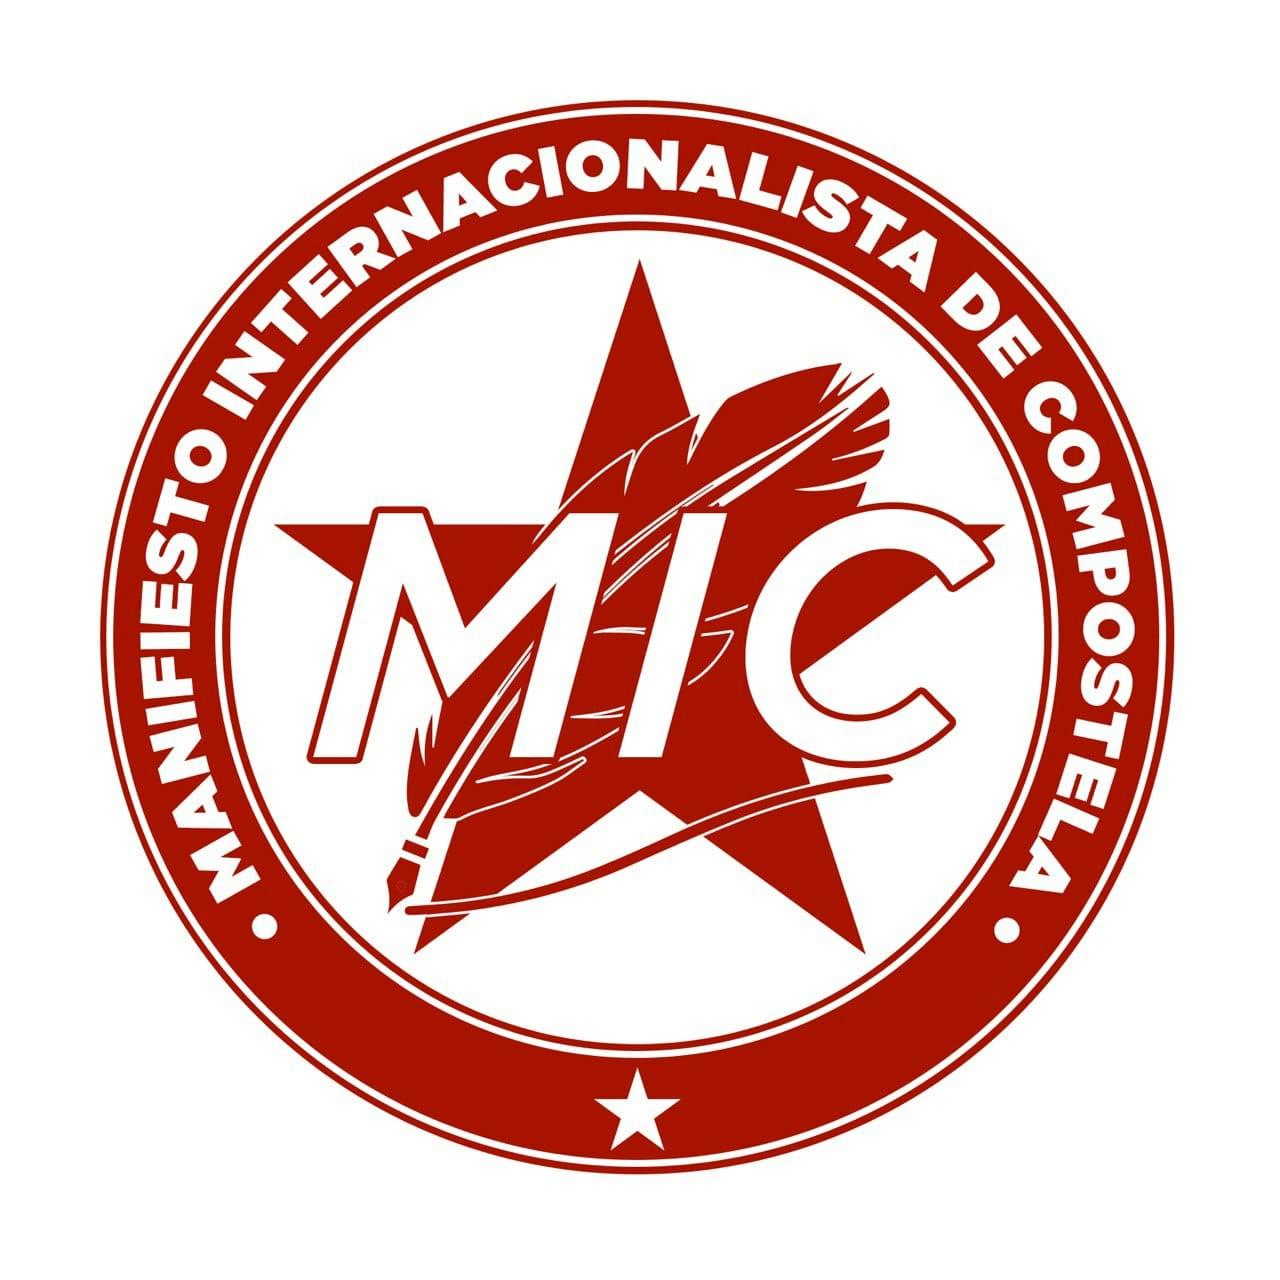 14º comunicado del Manifiesto Internacionalista de Compostela: El Manifiesto Internacionalista de Compostela concluye su trayectoria como espacio internacionalista